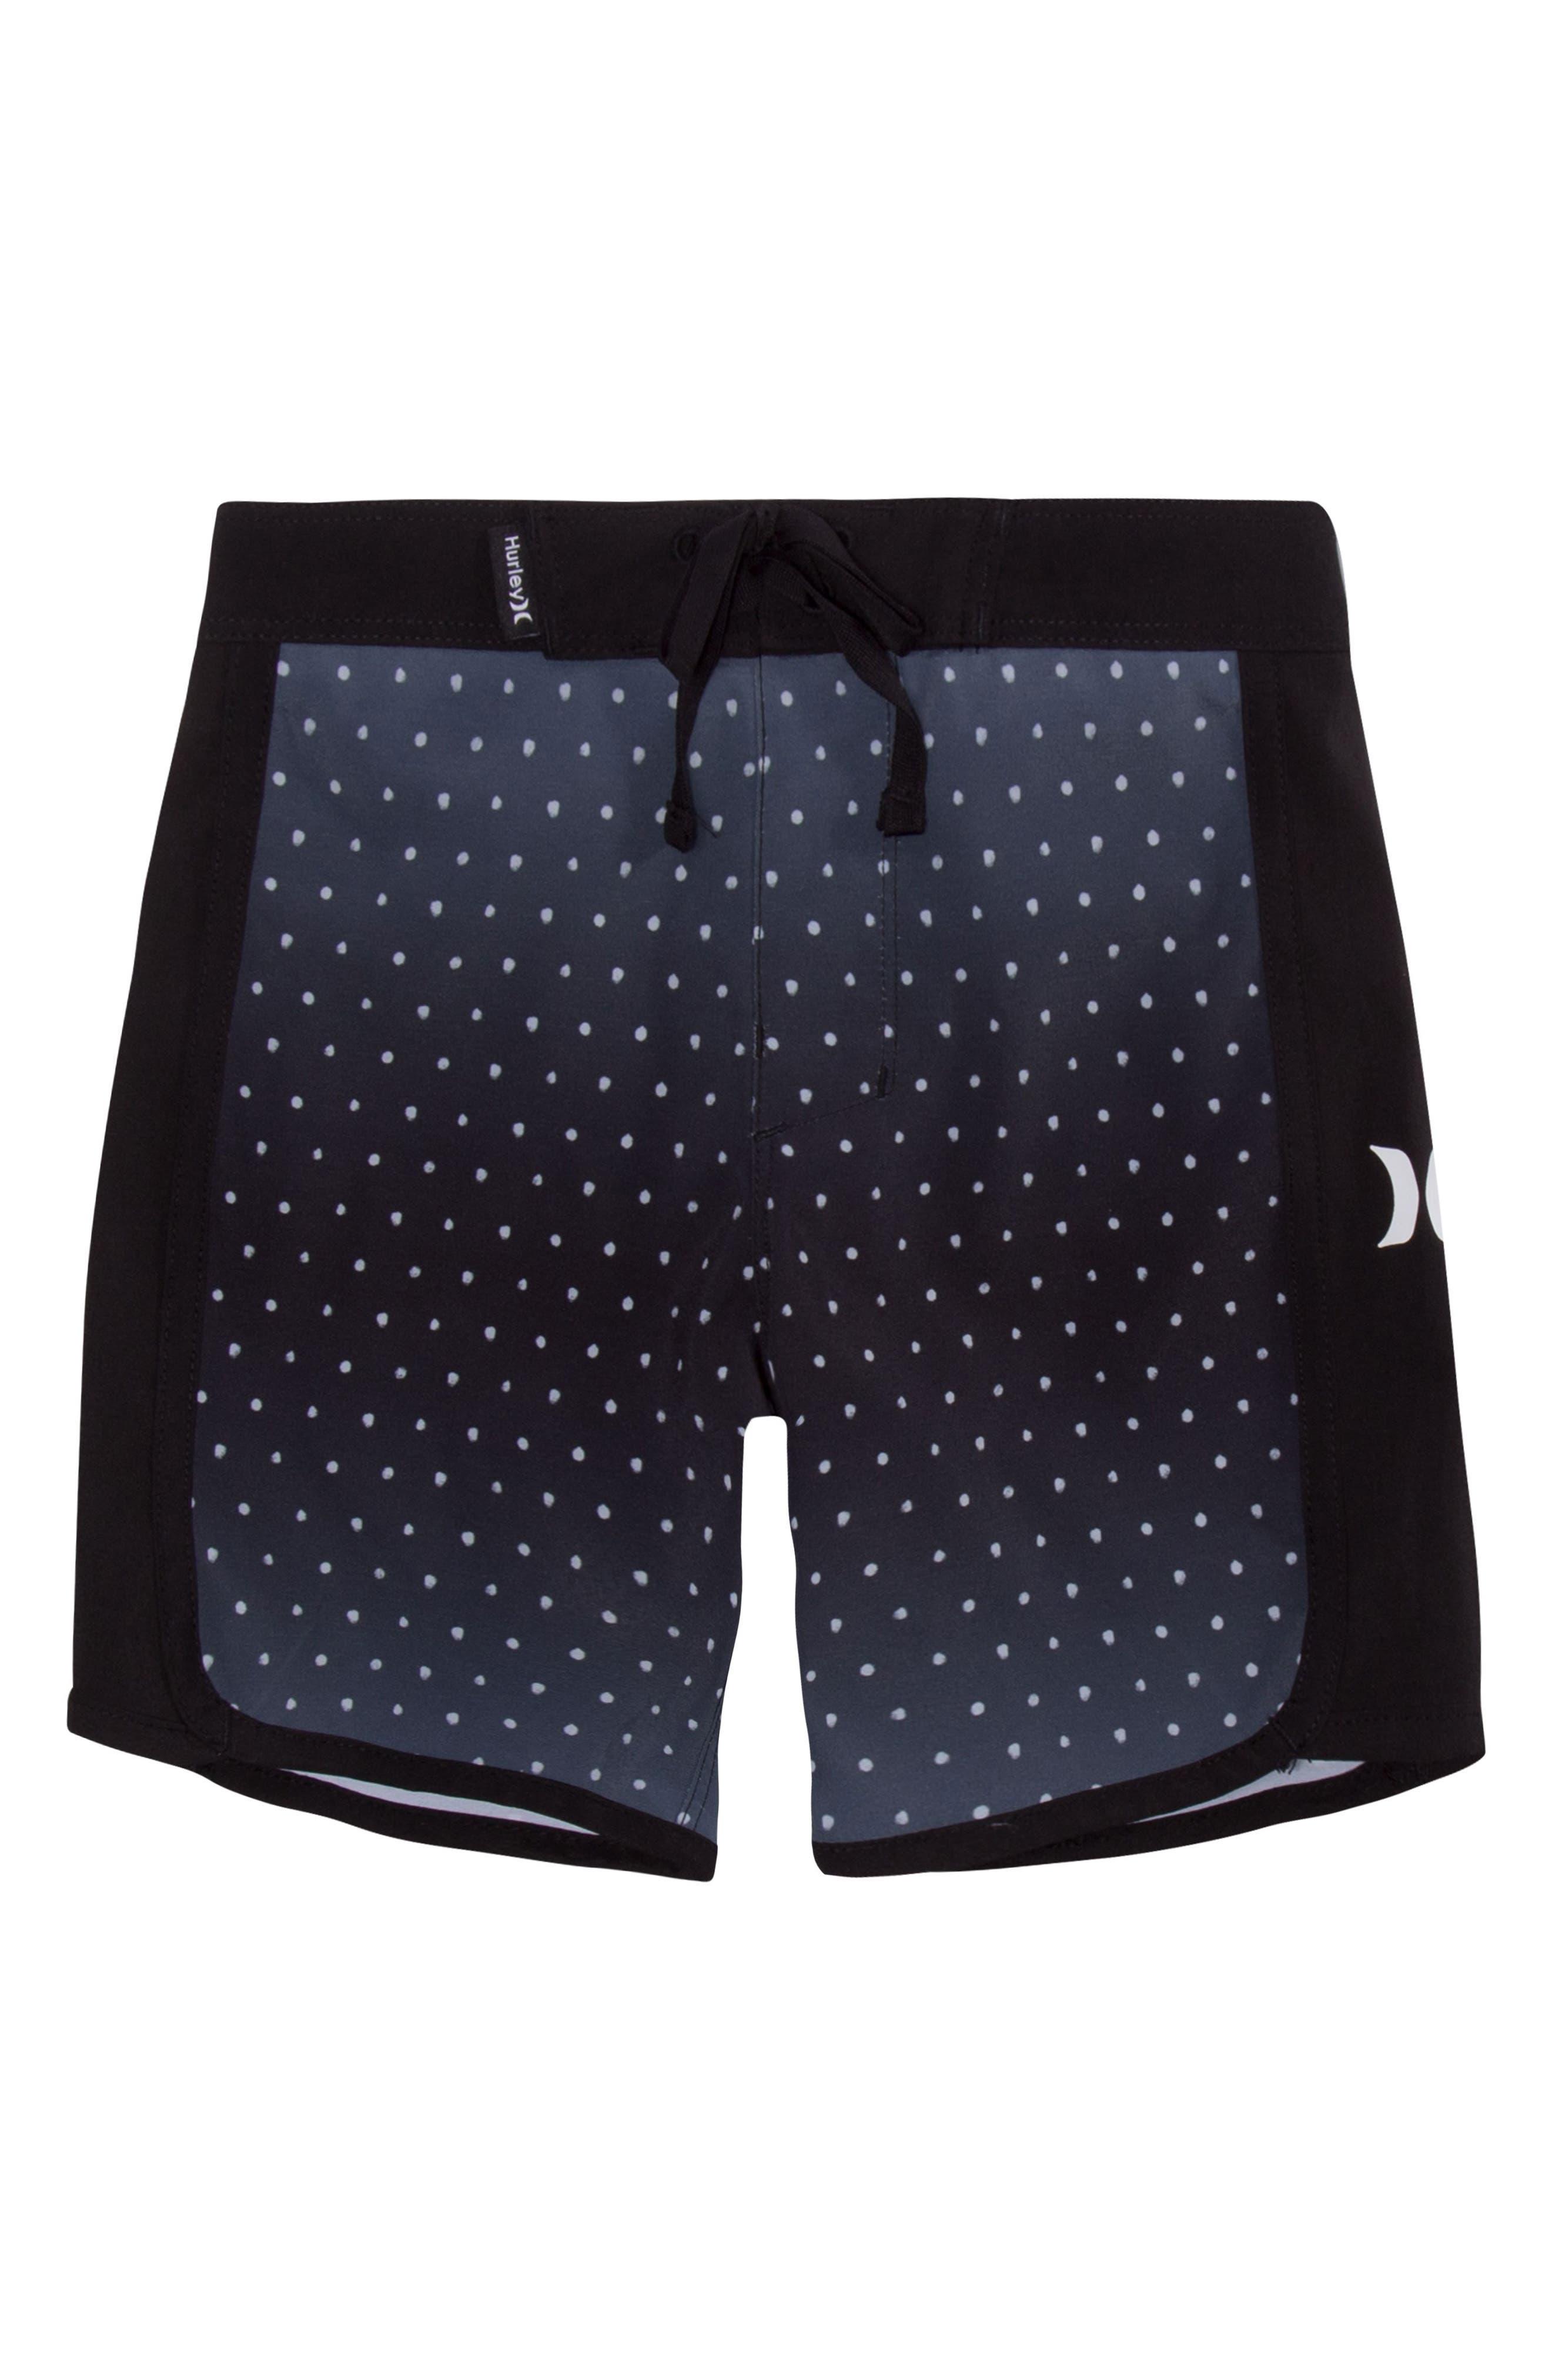 Third Reef Board Shorts,                         Main,                         color, 001